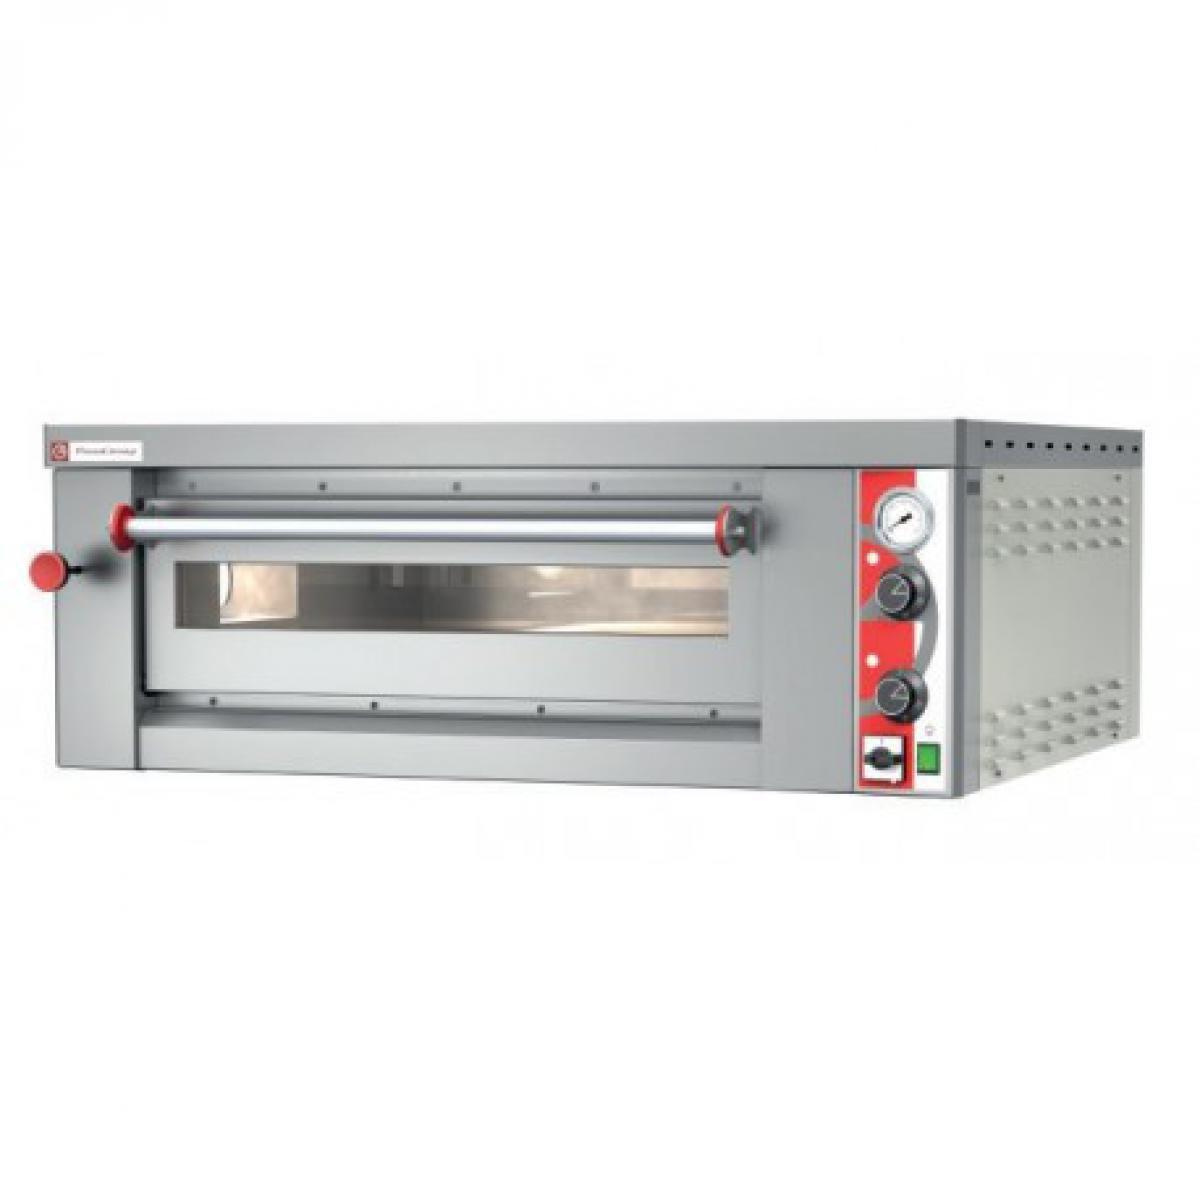 Mishky Four à pizza électrique - Modulaire 8,90 kW - Pizzagroup -